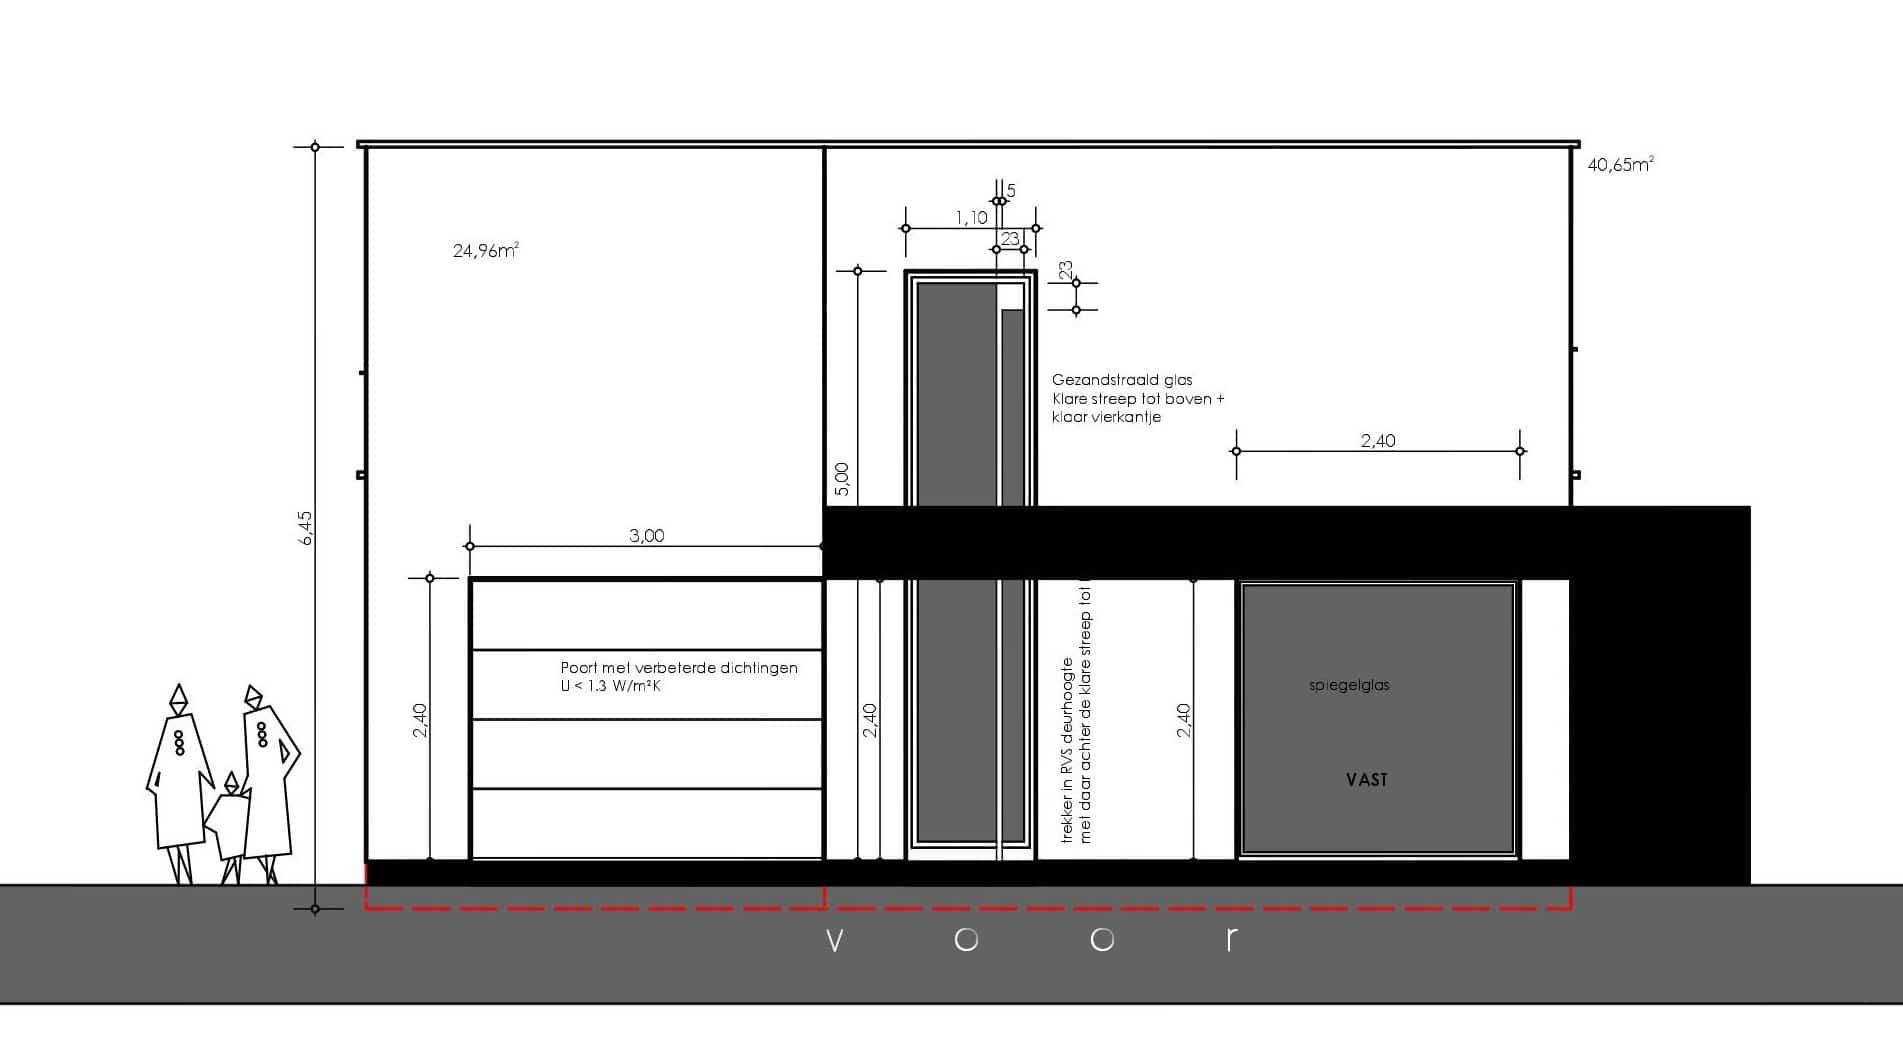 Detail afbeelding 5 van ST CR   –   Zeer strakke gepleisterde woning  –   Opglabbeek | Ontwerp door architect Patrick Strackx